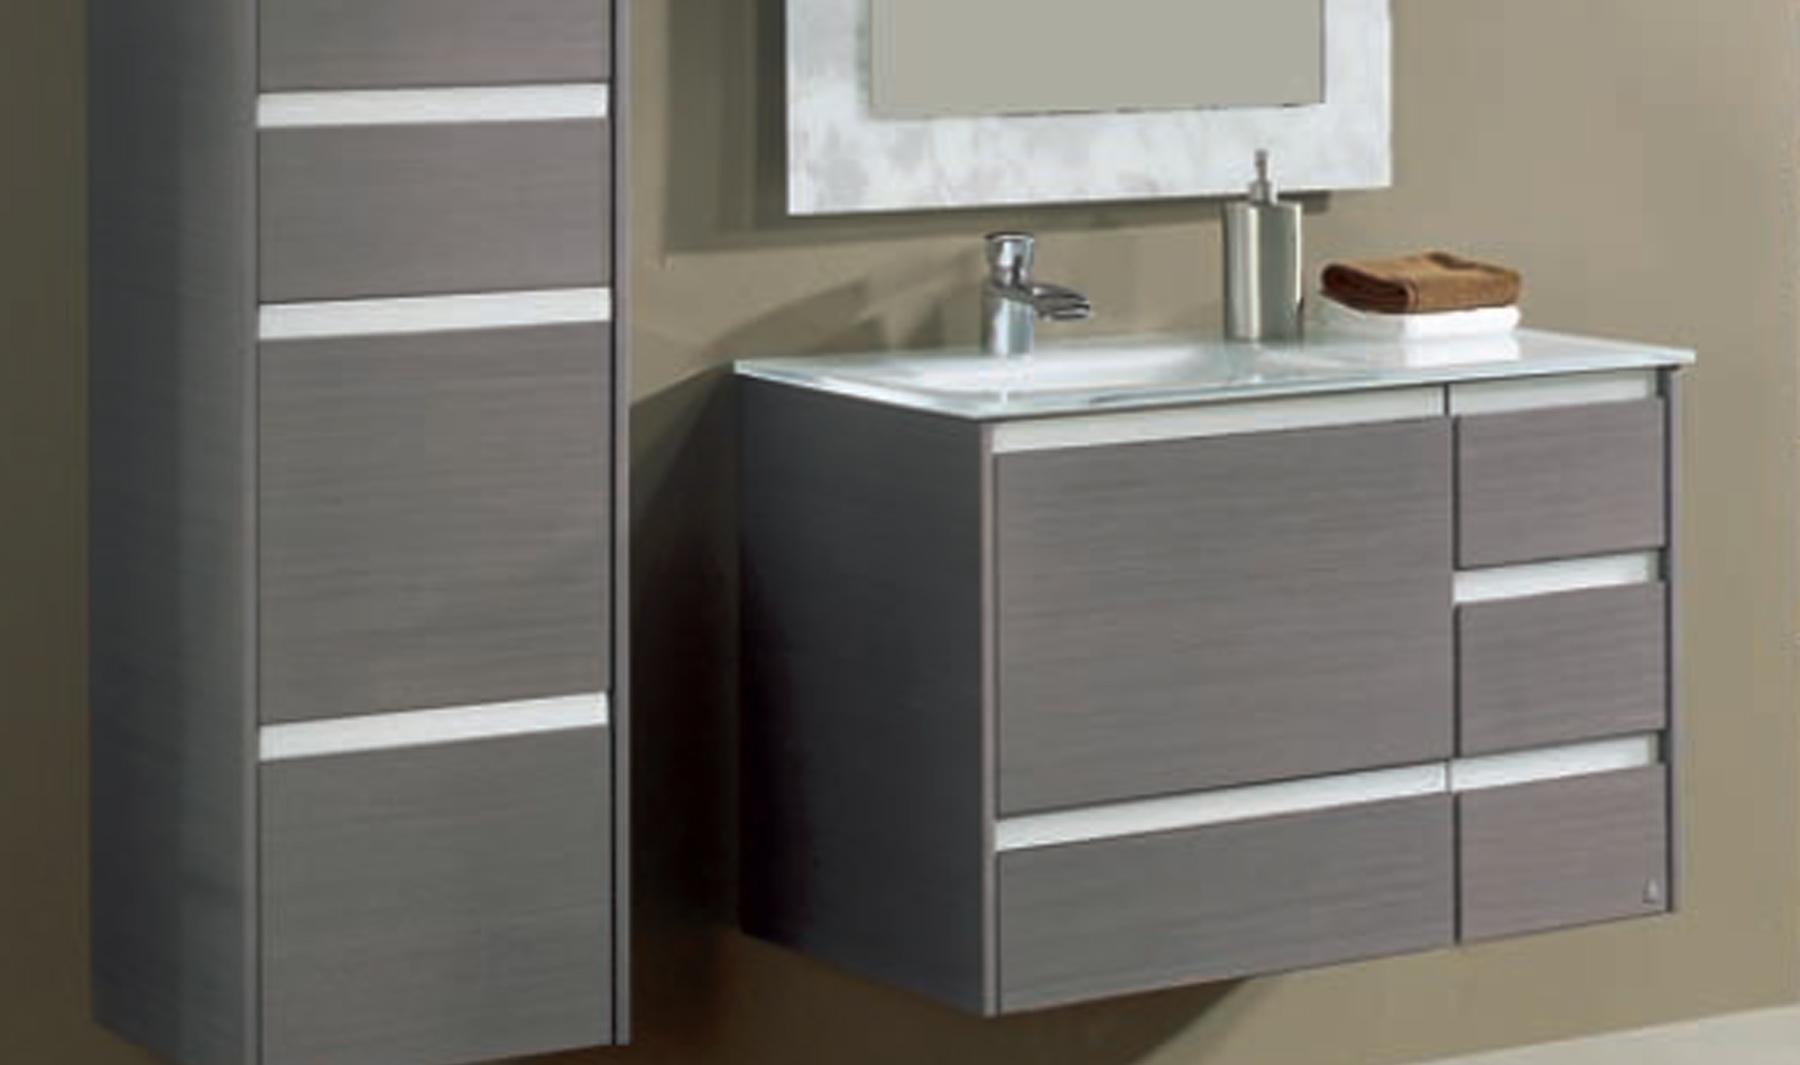 Muebles de ba o utilidad y complementos - Muebles de bano de madera ...